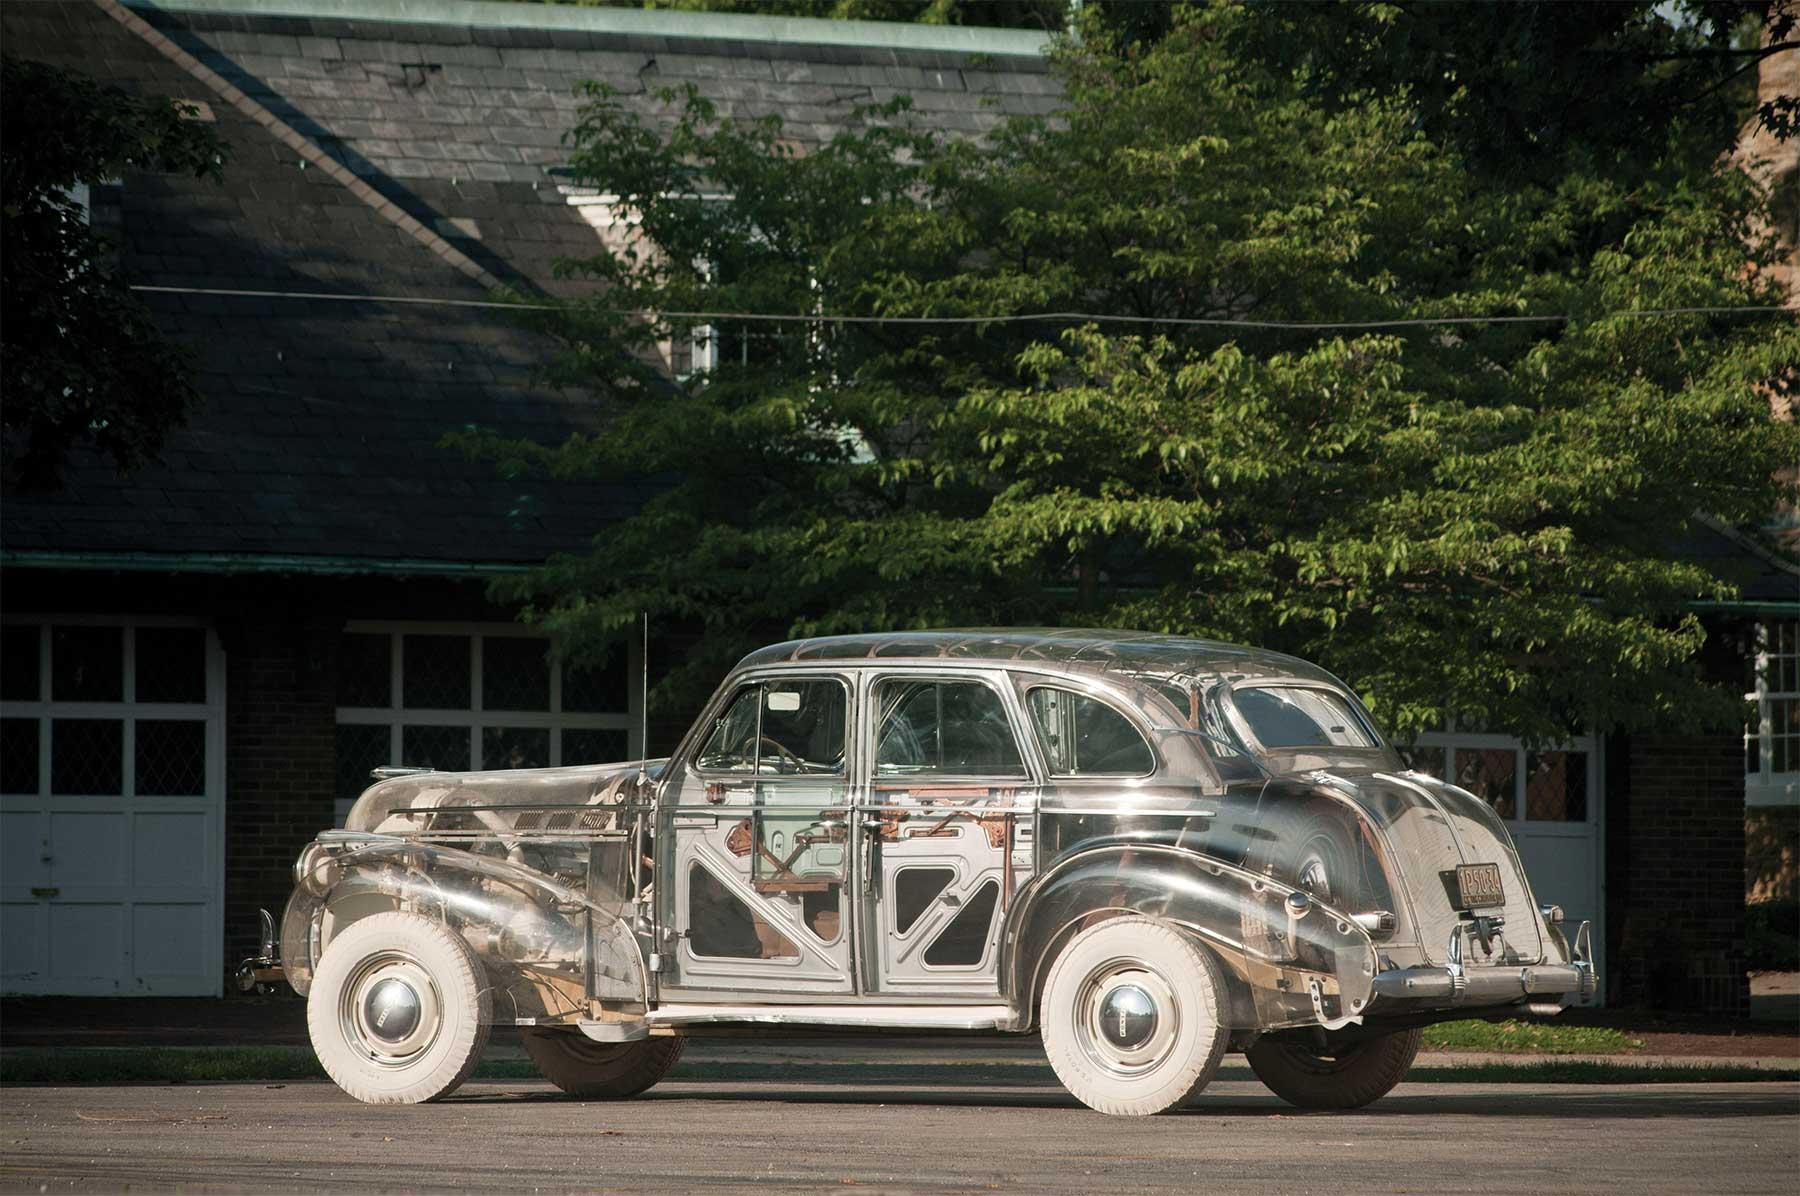 Das erste durchsichtige Auto der Welt pontiac-ghost-car-1940_08